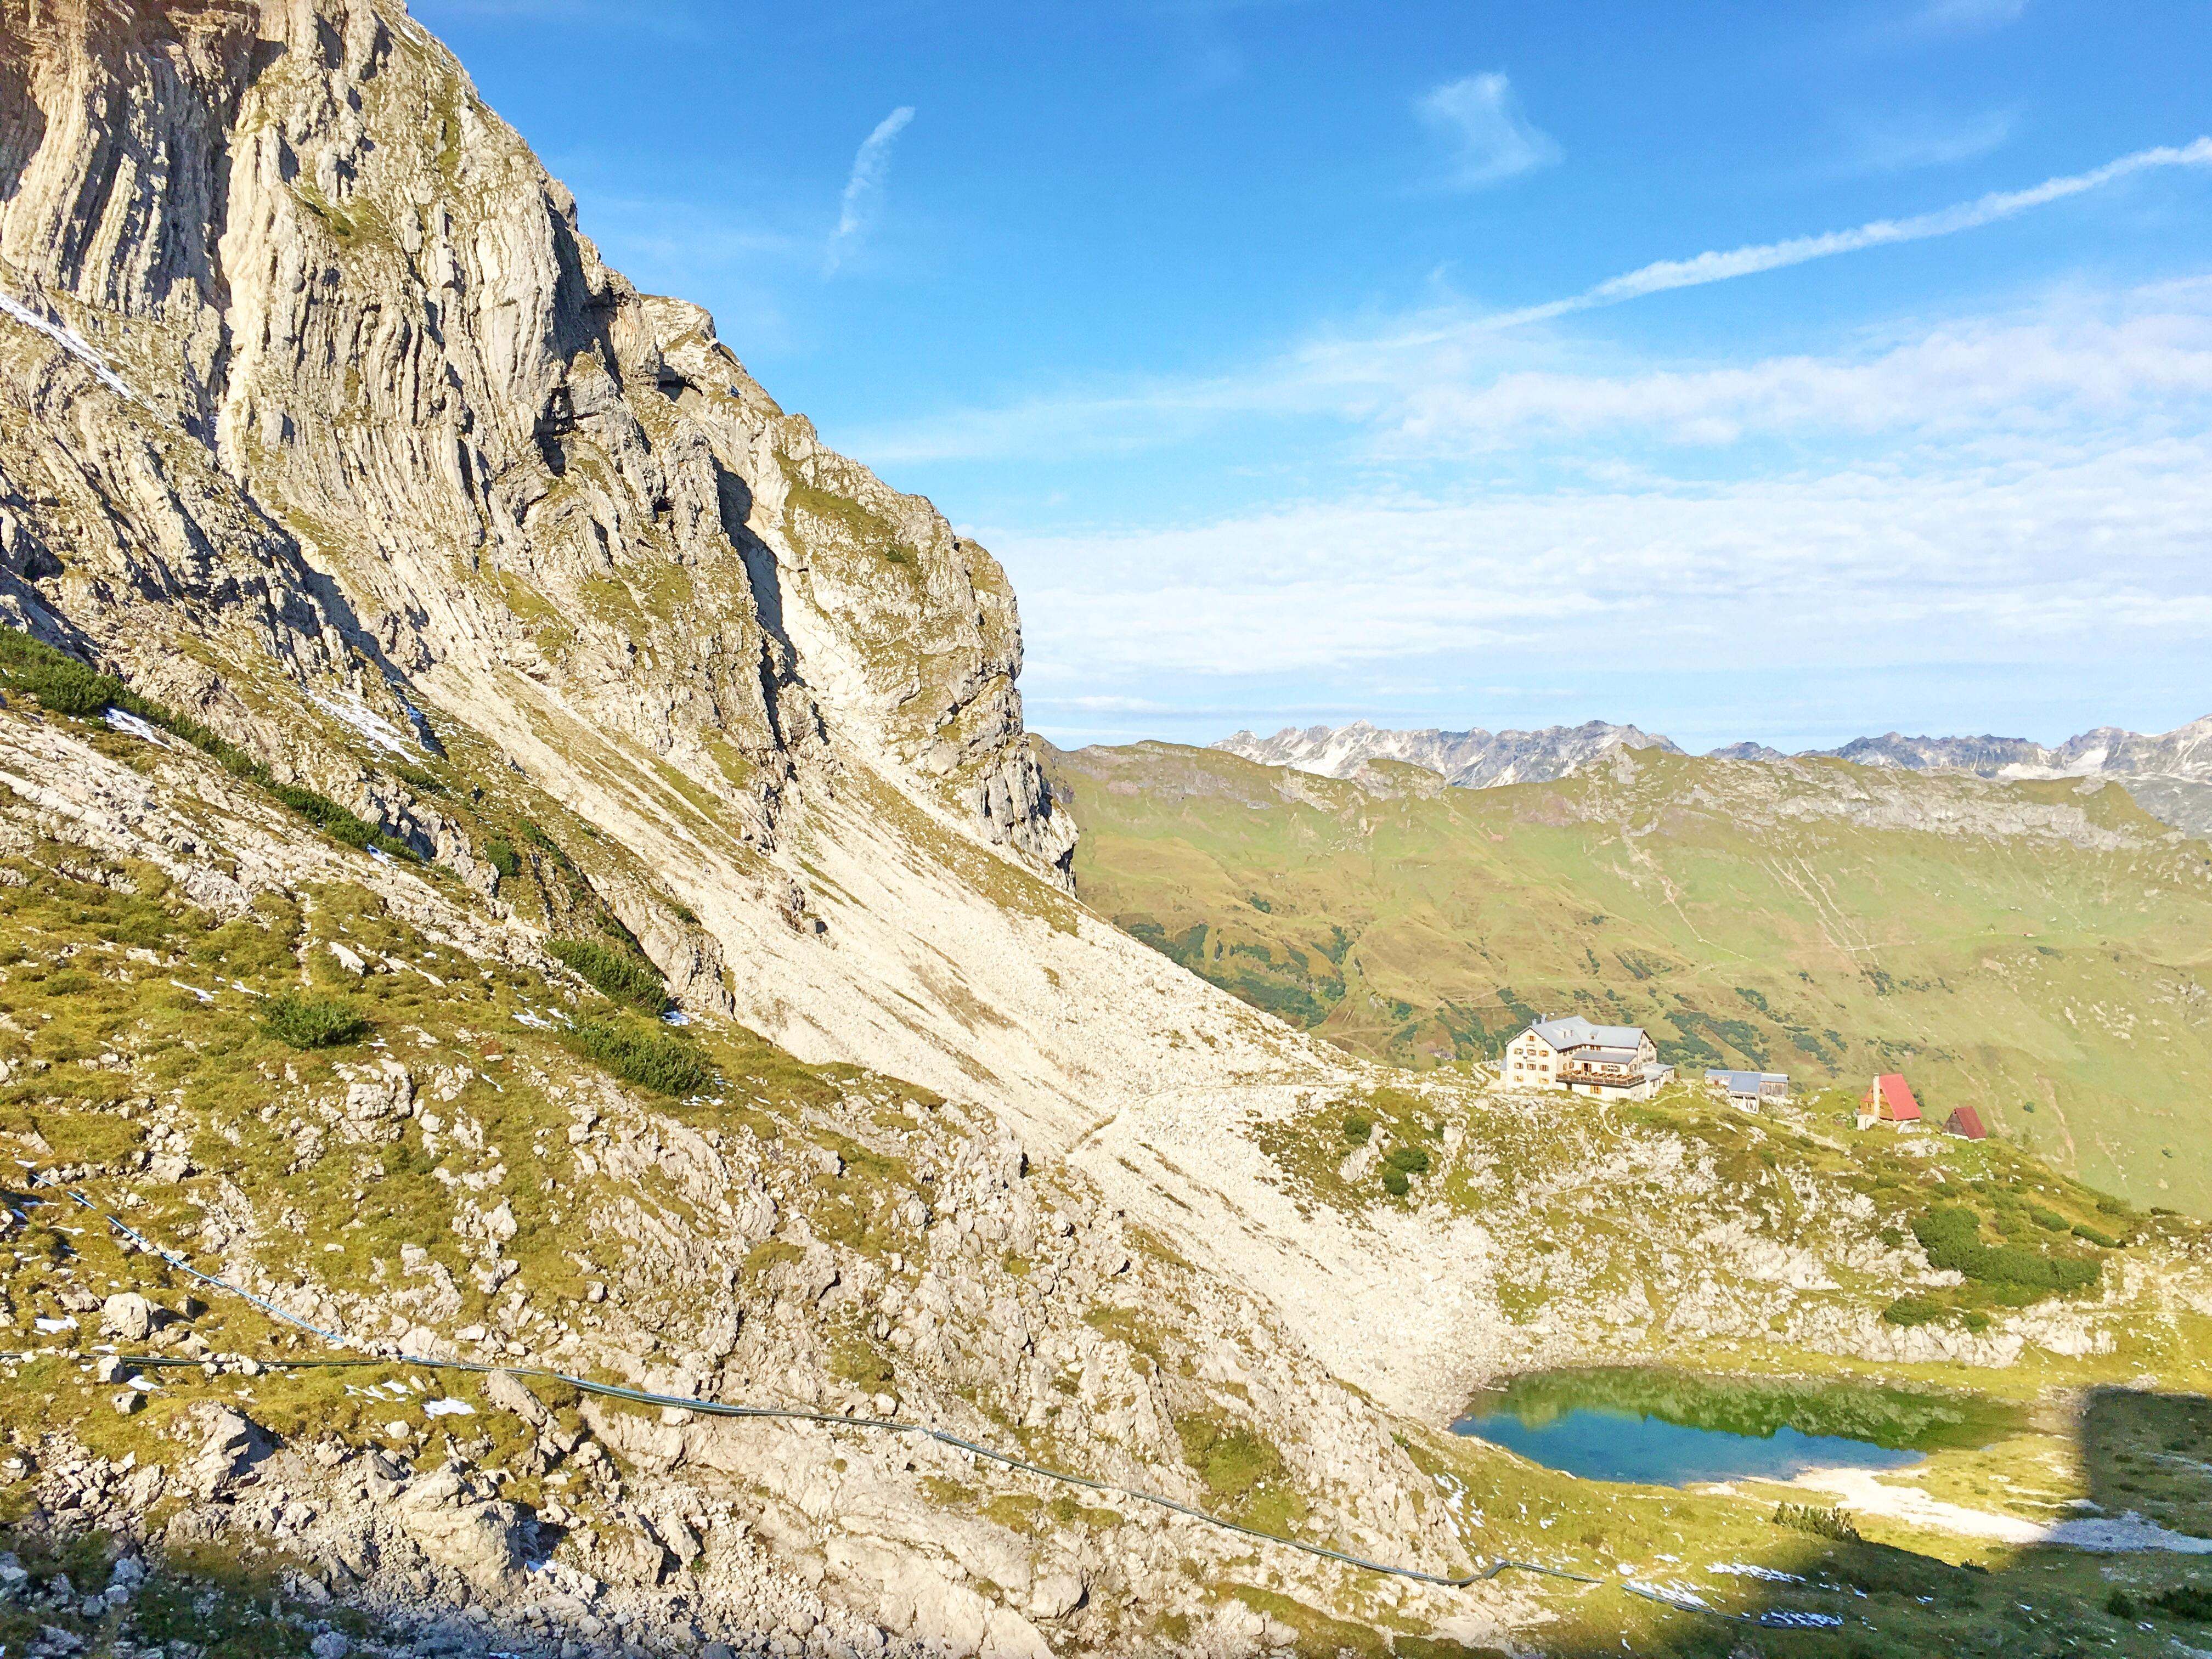 Bergtour Hochvogel: Das Prinz-Luidpold-Haus in traumhafter Alpenlage mit Bergsee ist heute unser Zuhause.